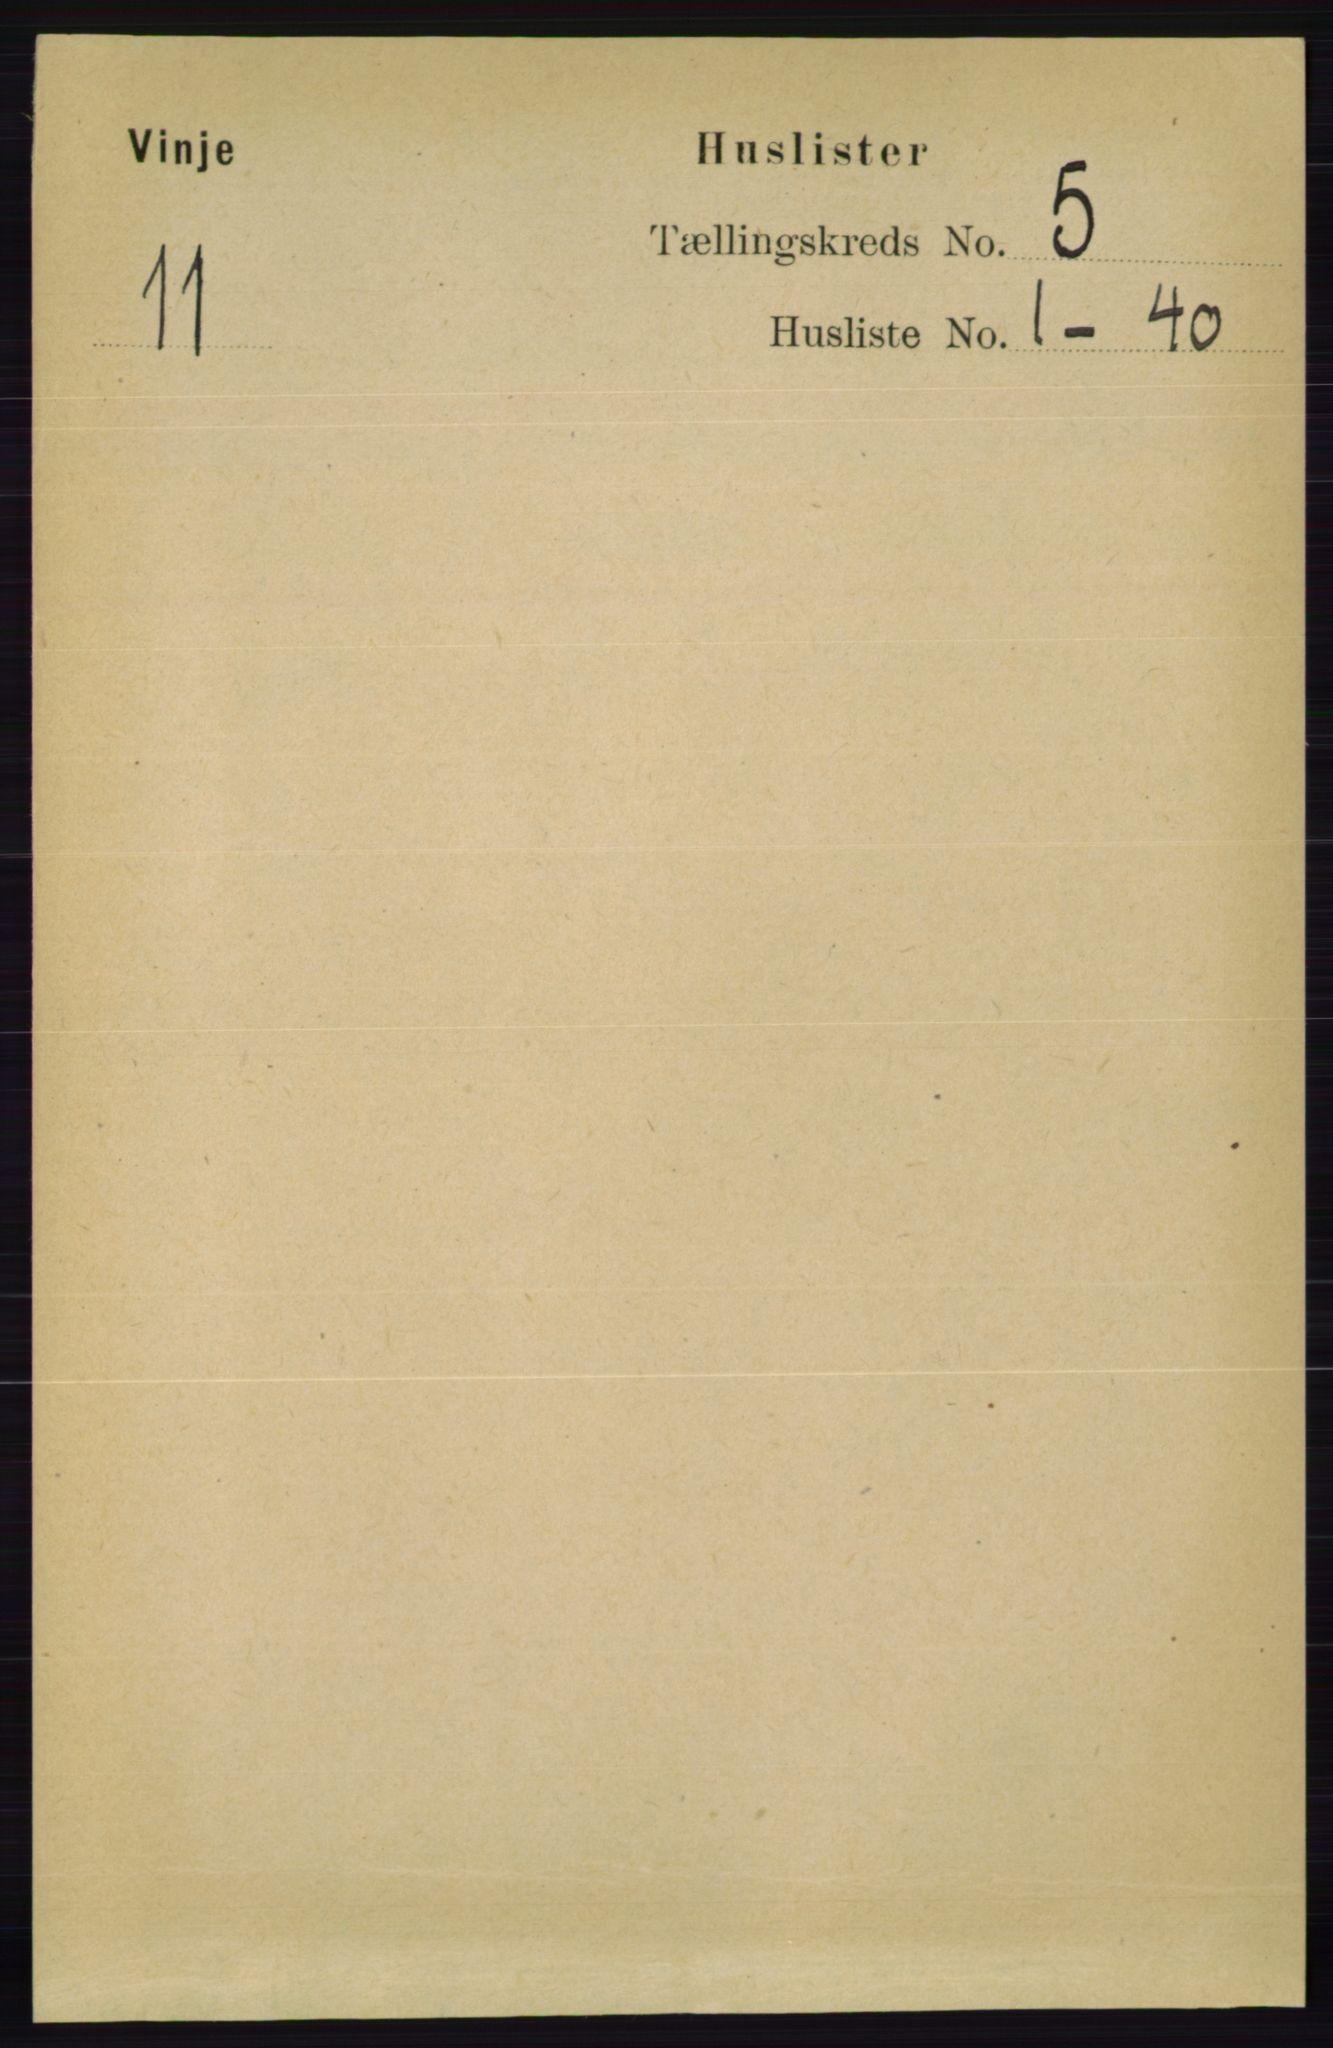 RA, Folketelling 1891 for 0834 Vinje herred, 1891, s. 1005